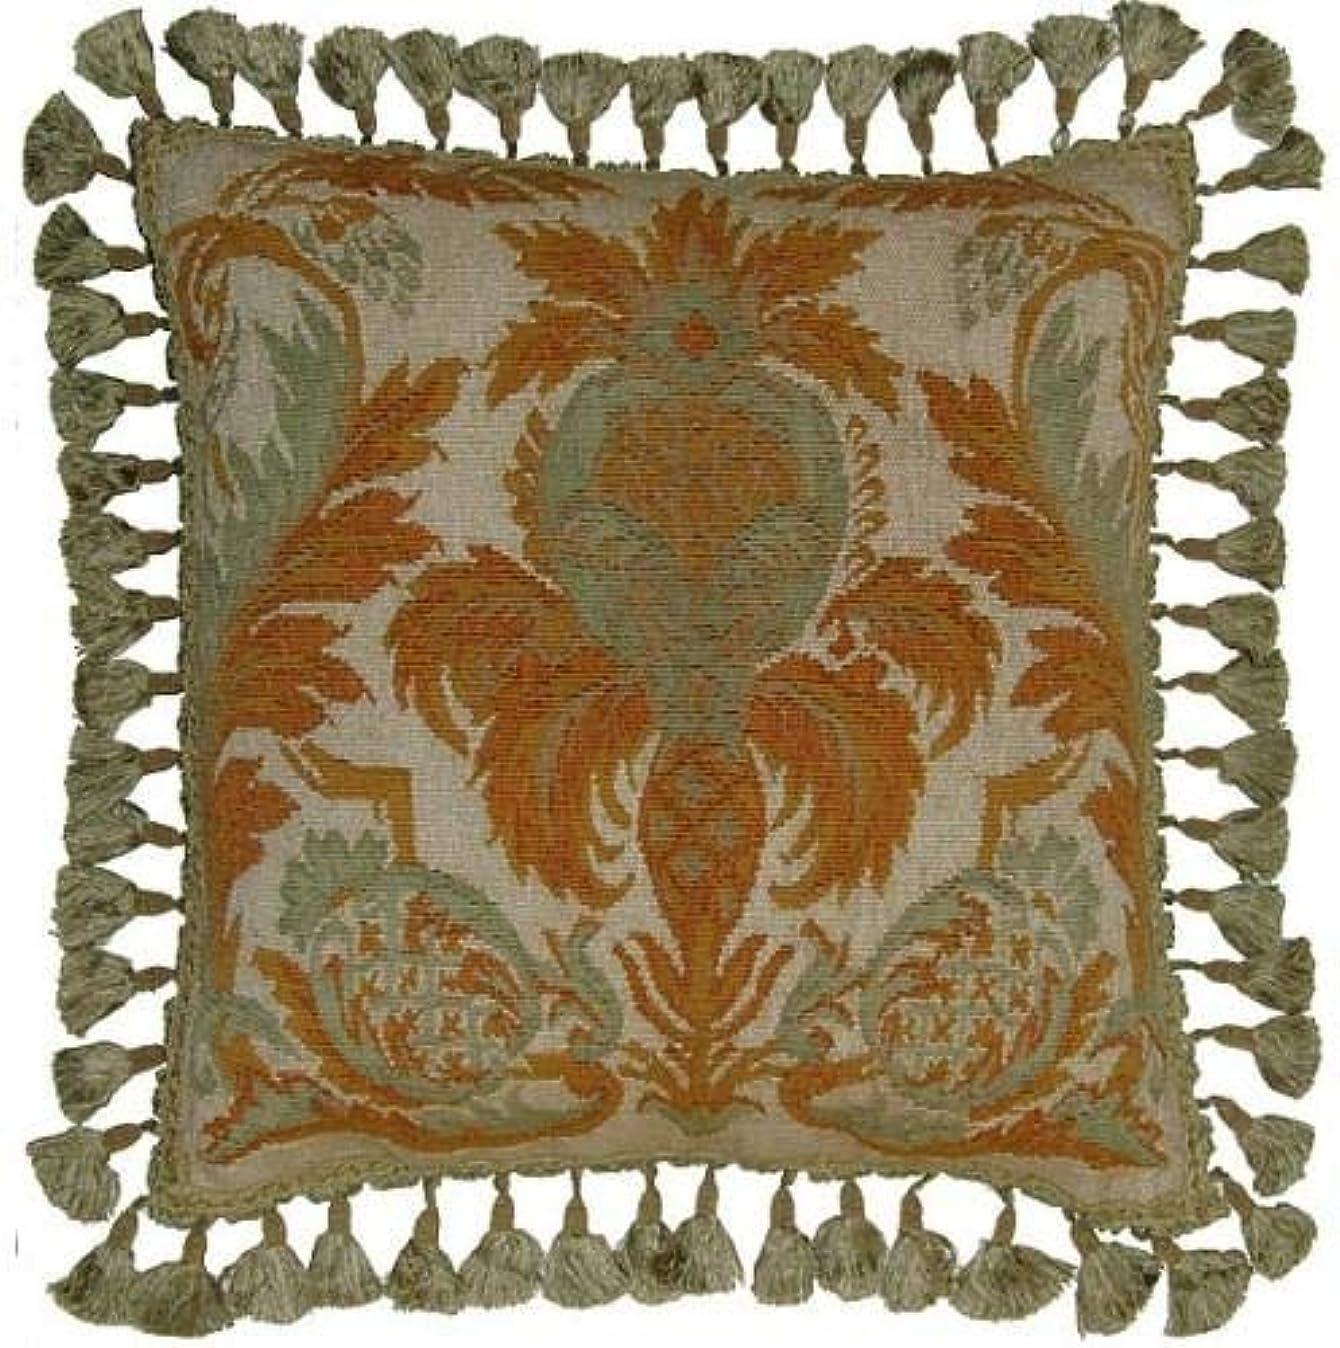 蒸分割引退したスロー枕Aubusson Flourishes Flourish 22?x 22グリーン新しい手編み